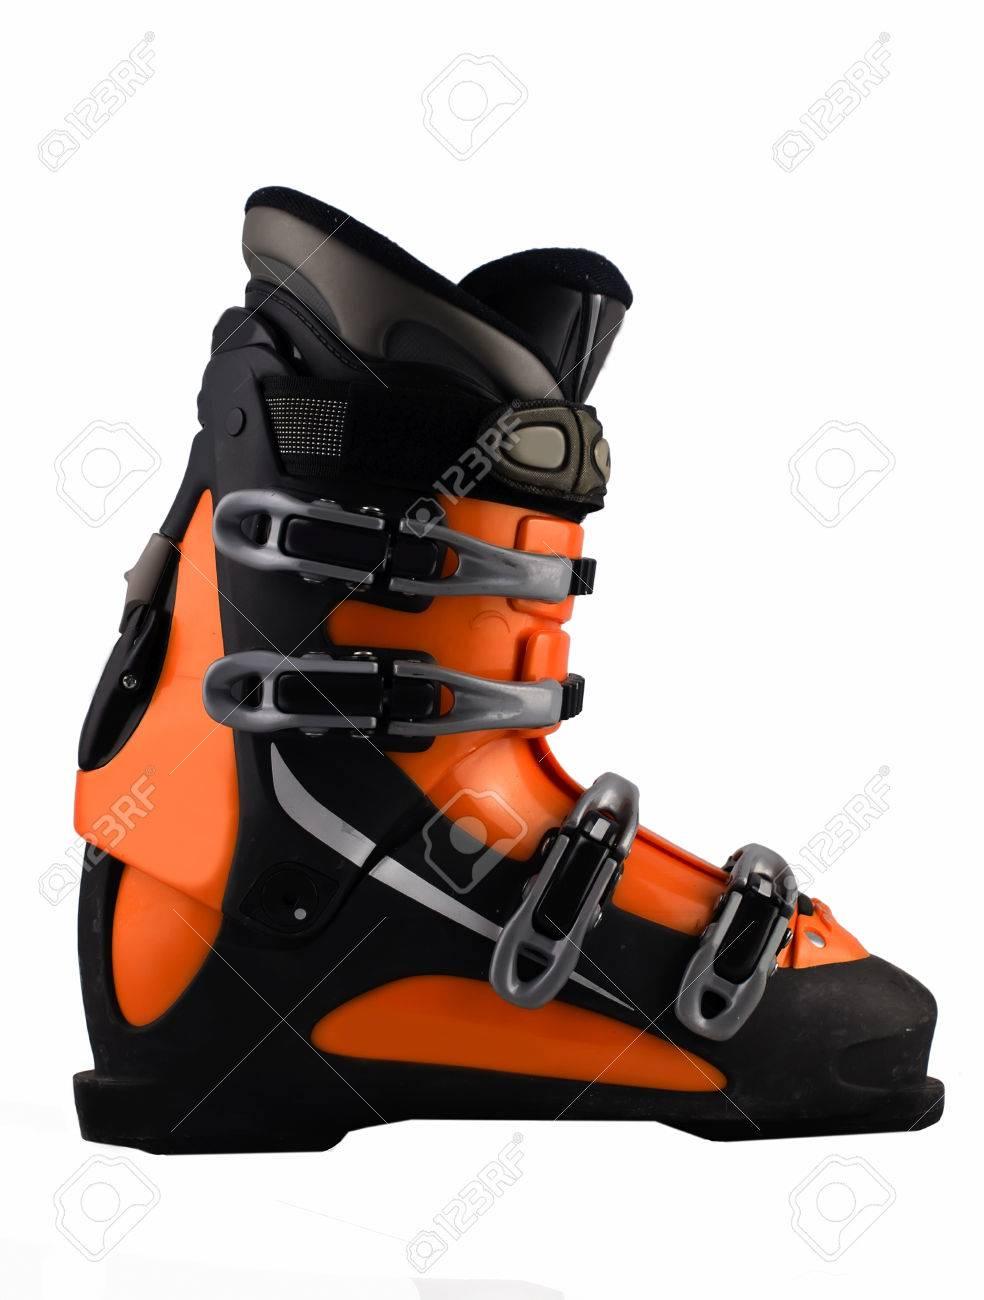 D'orange Chaussure D'images Isolé Photos Sur Banque De Et Blanc Ski qOranEwO